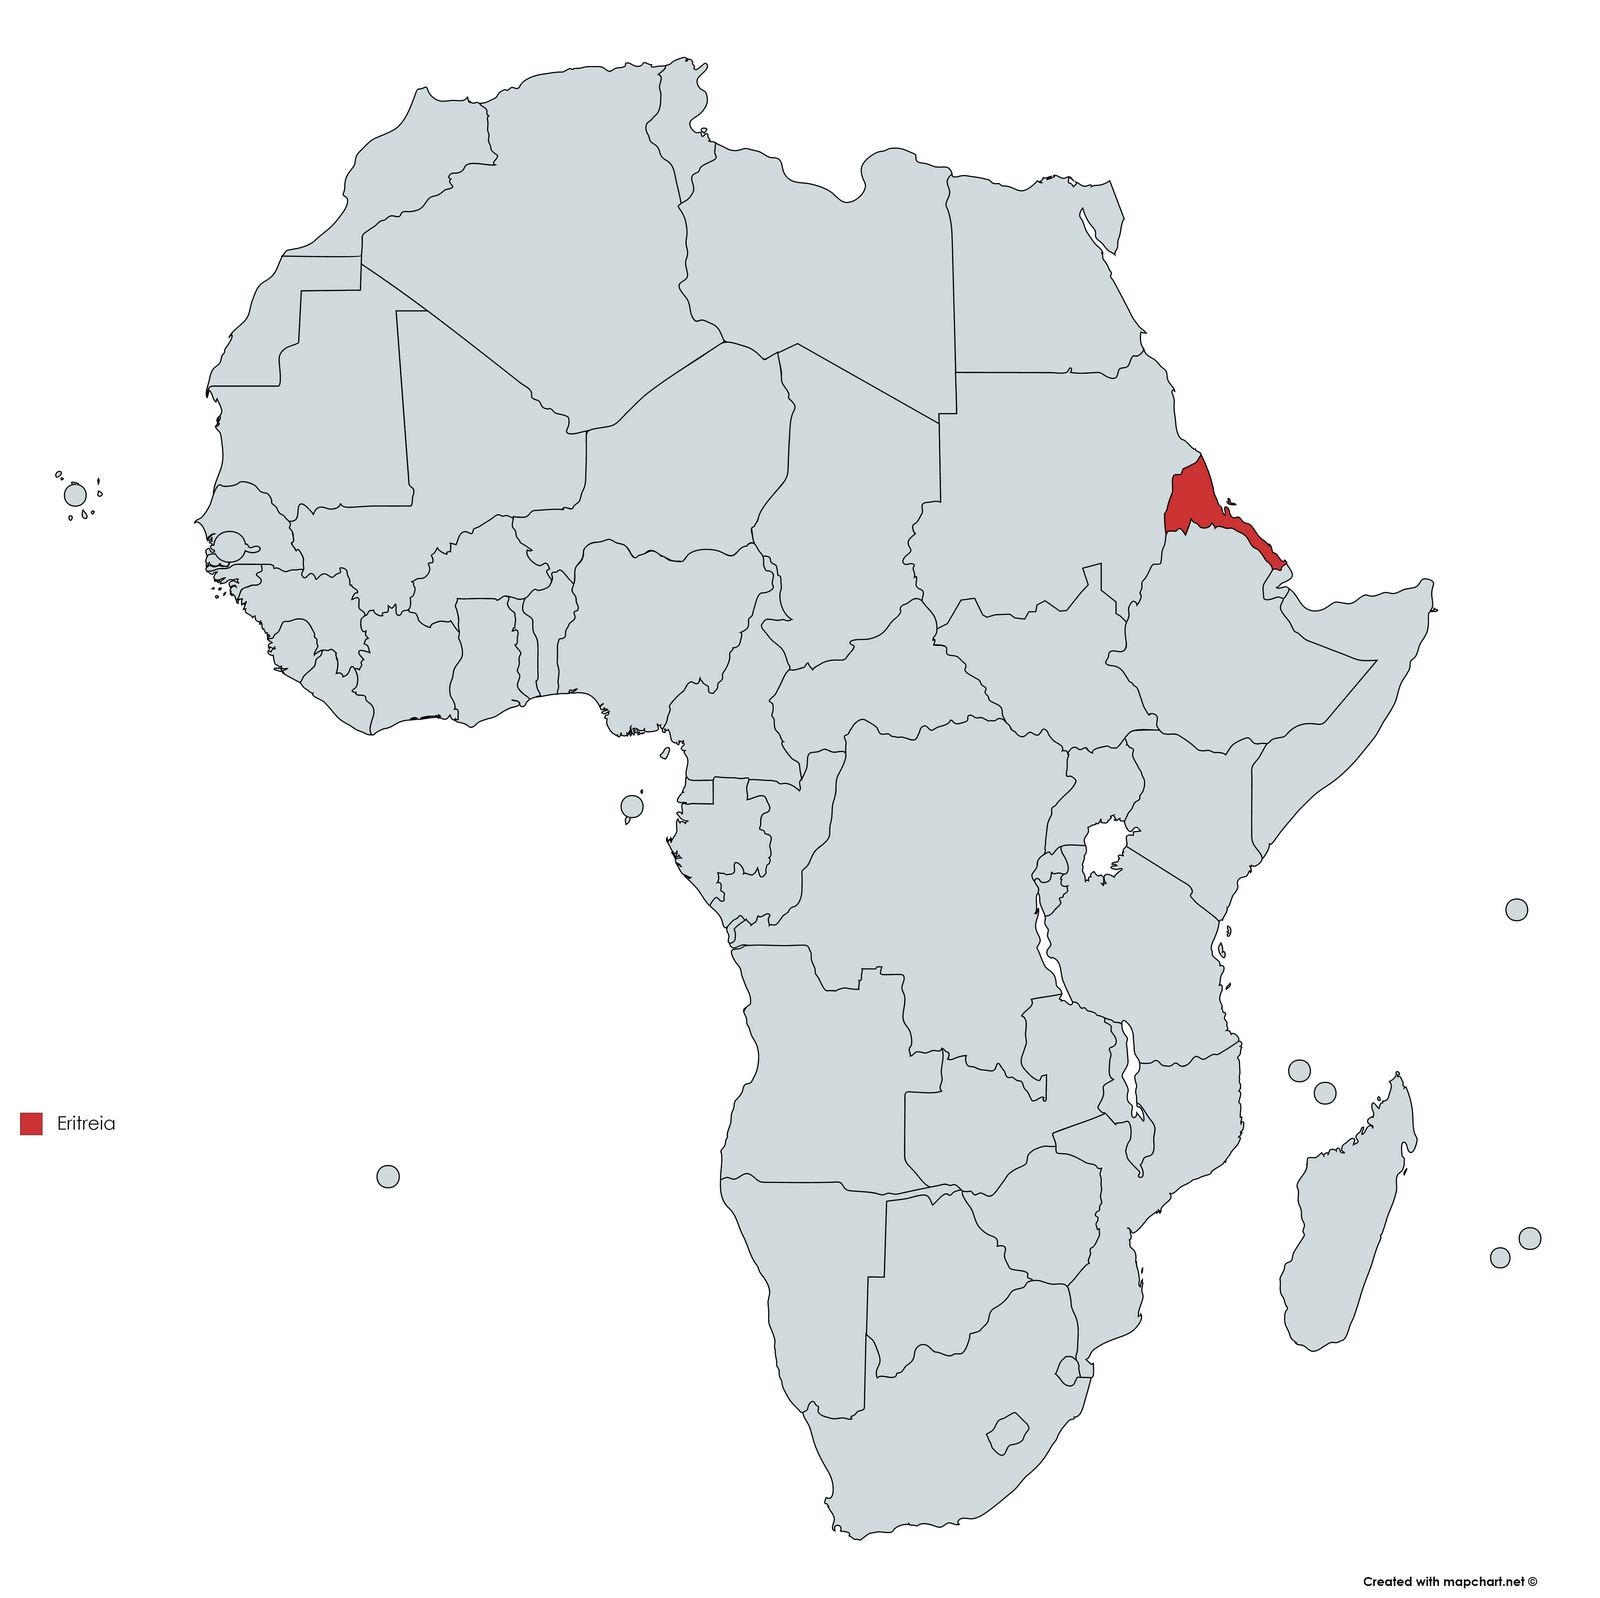 MAPA ERITREIA